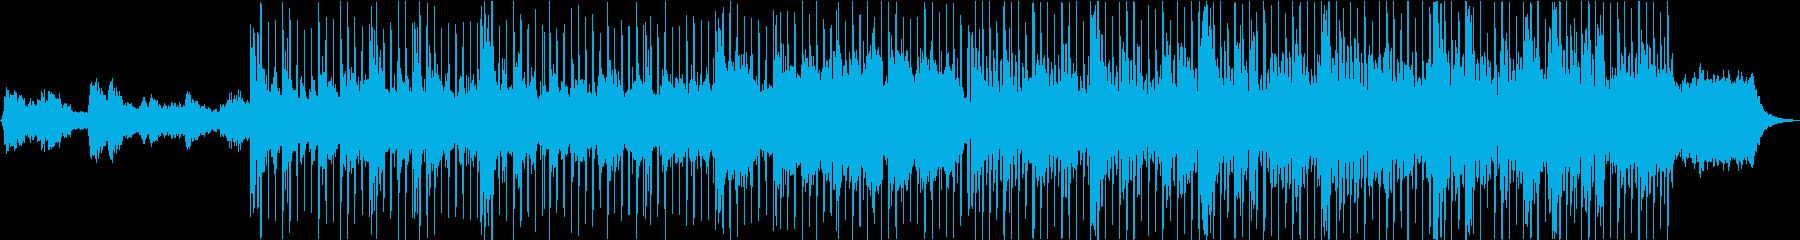 エンディングピアノバラードの再生済みの波形